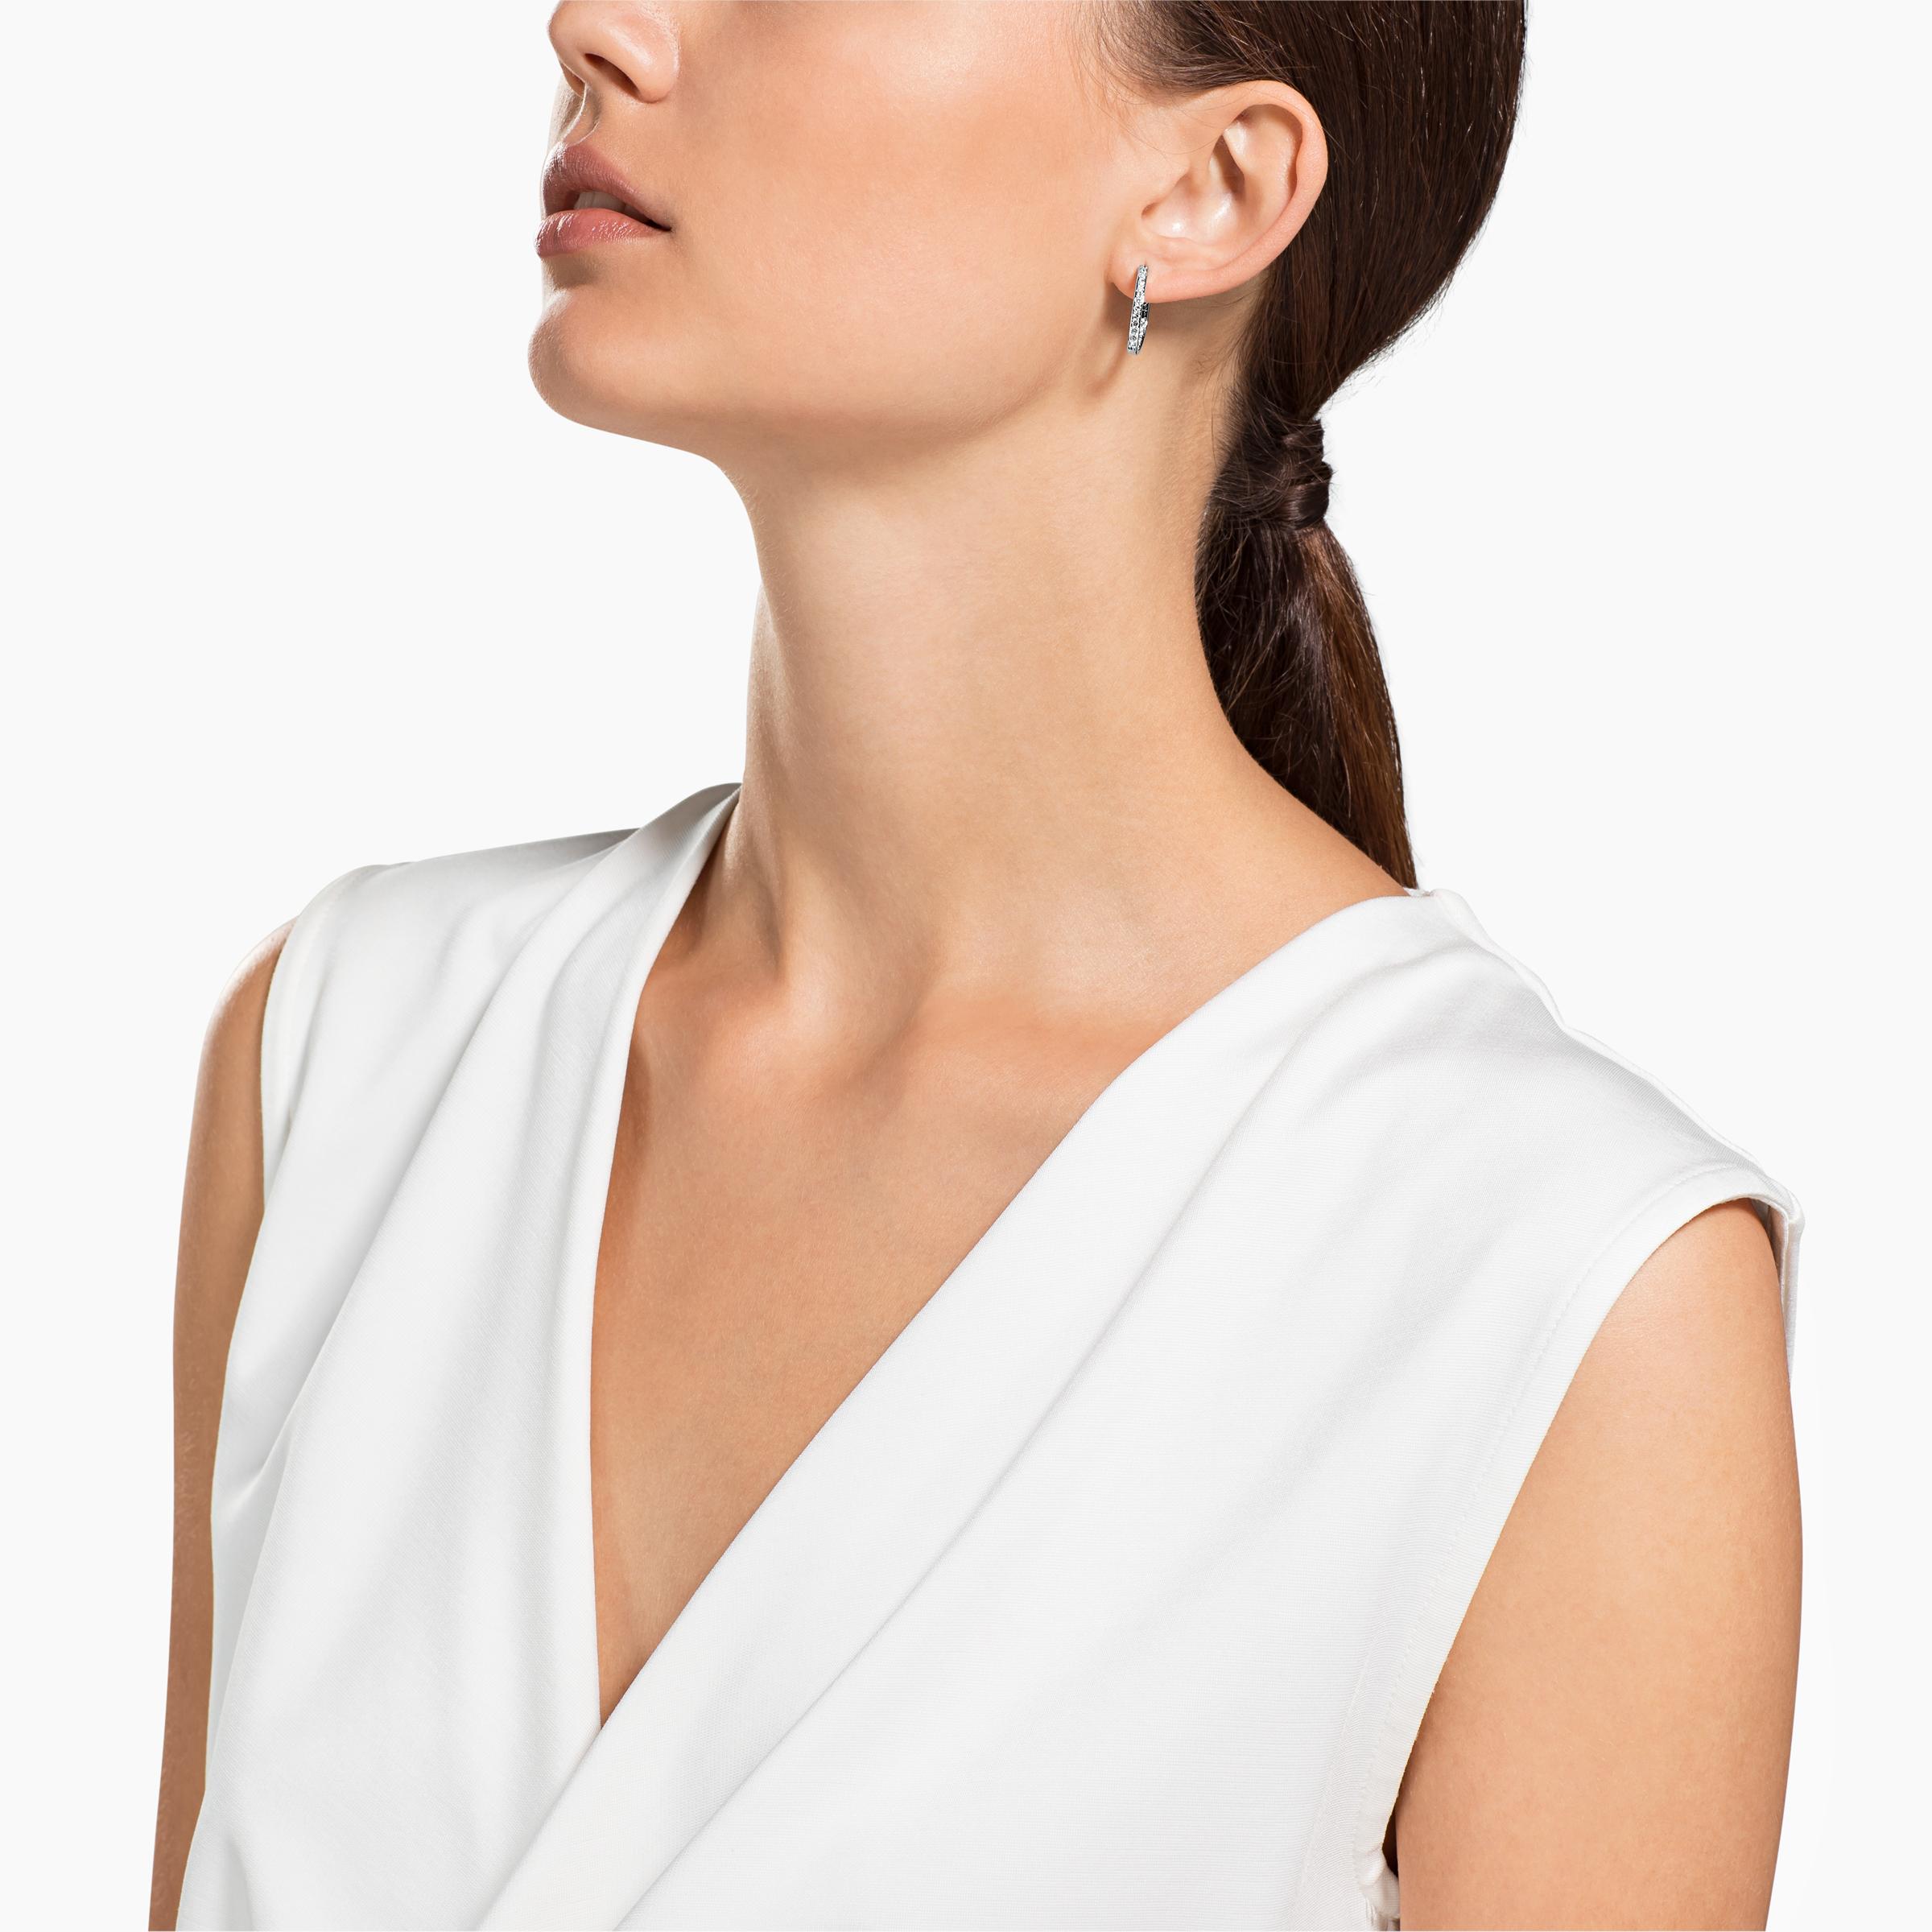 Sommerset Hoop Pierced Earrings, White, Rhodium Plating